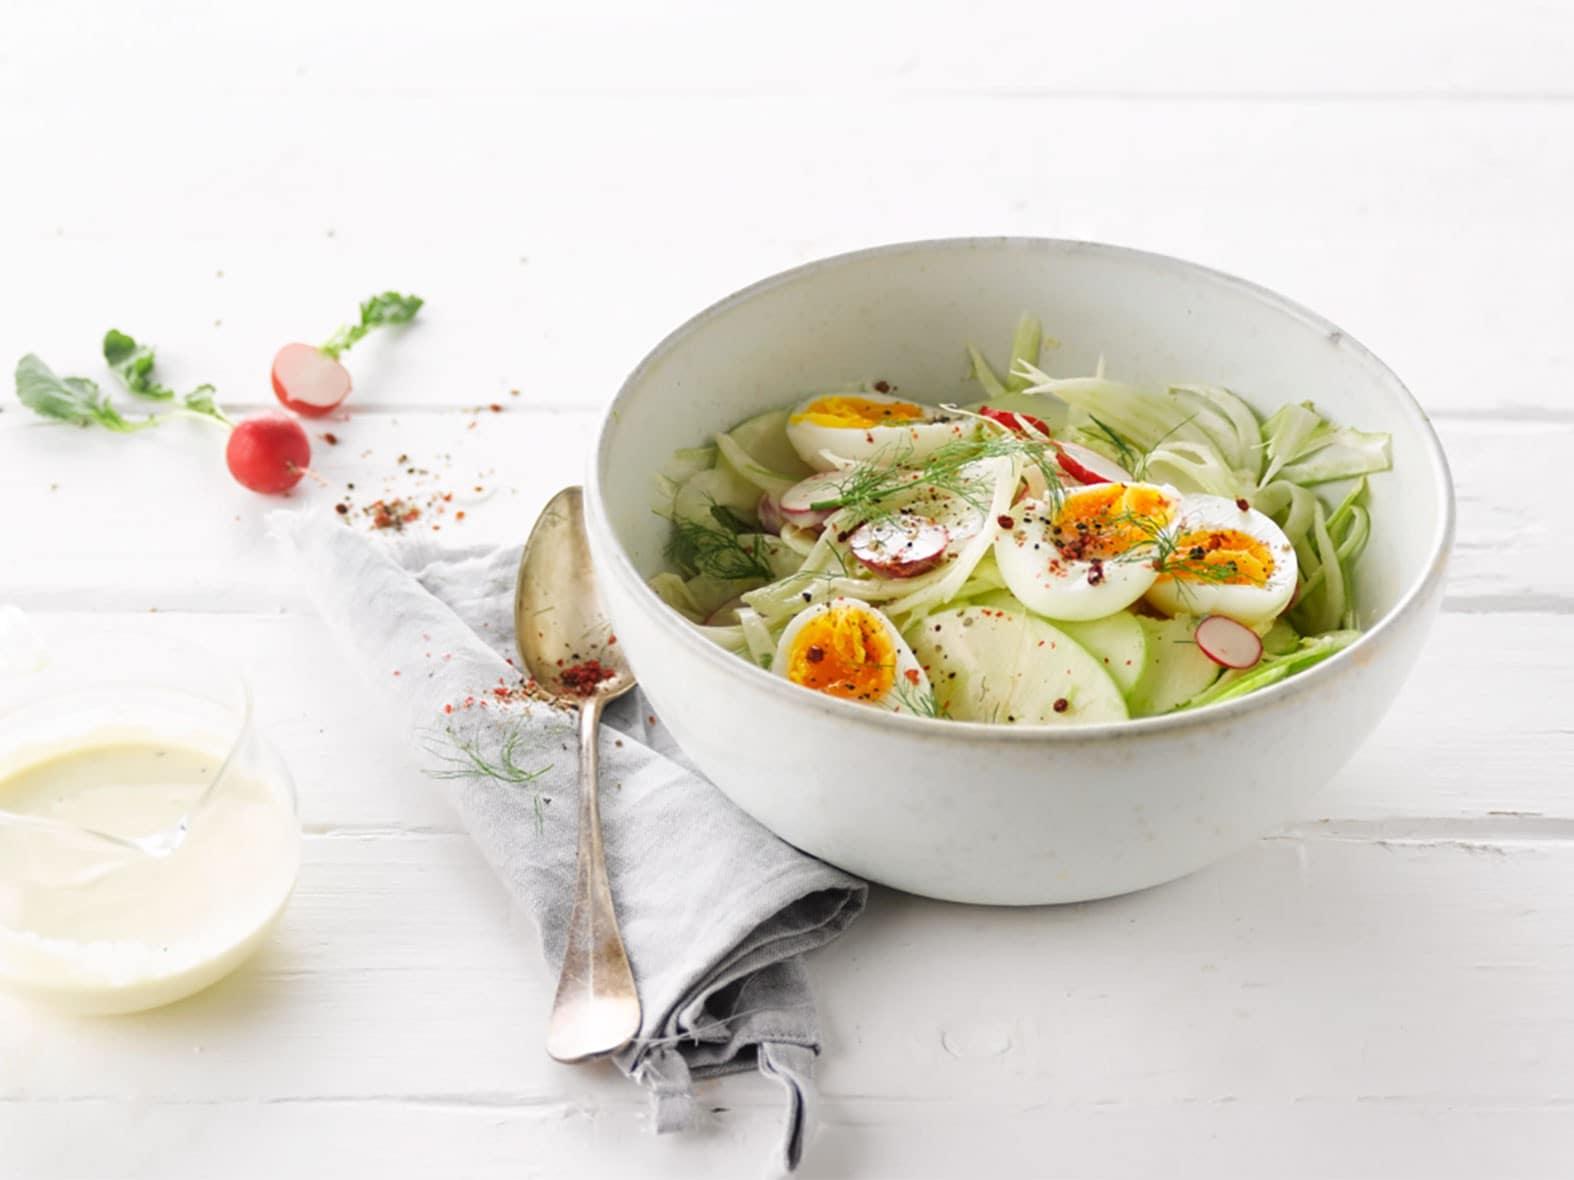 Salade de fenouil aux œufs, concombres et vinaigrette citron